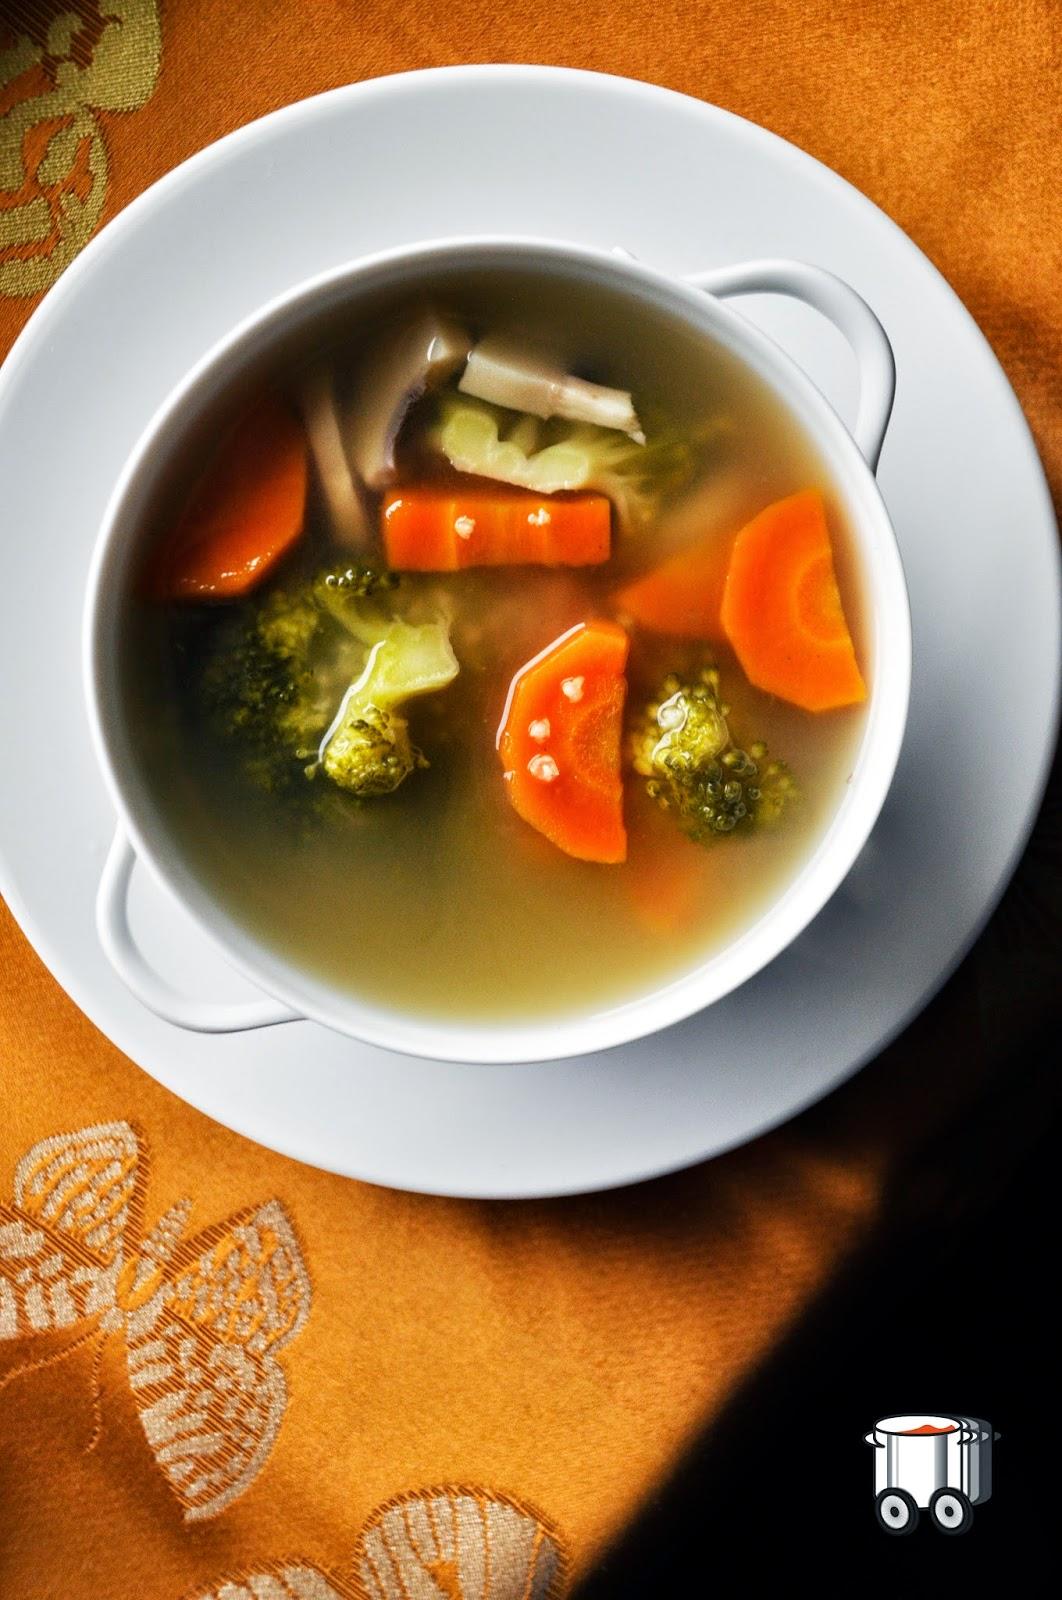 Szybko Tanio Smacznie - Bulion z pieczarkami, brokułami, marchewką i kaszą jaglaną. Nie tylko dla dziecka!